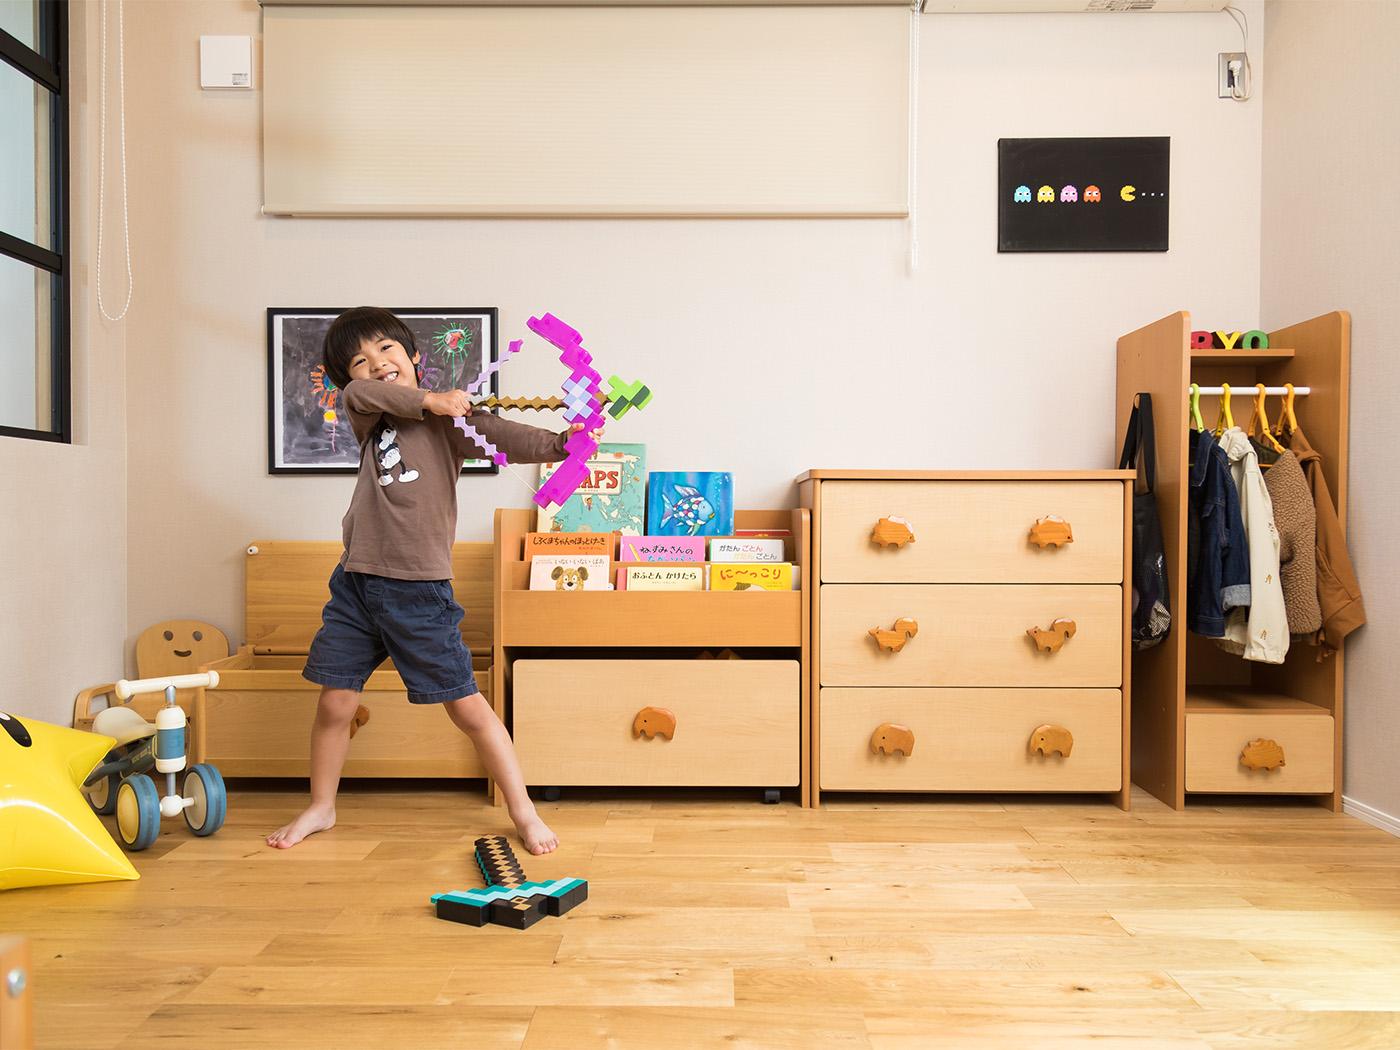 キャビネットで子供部屋はスッキリ整頓。